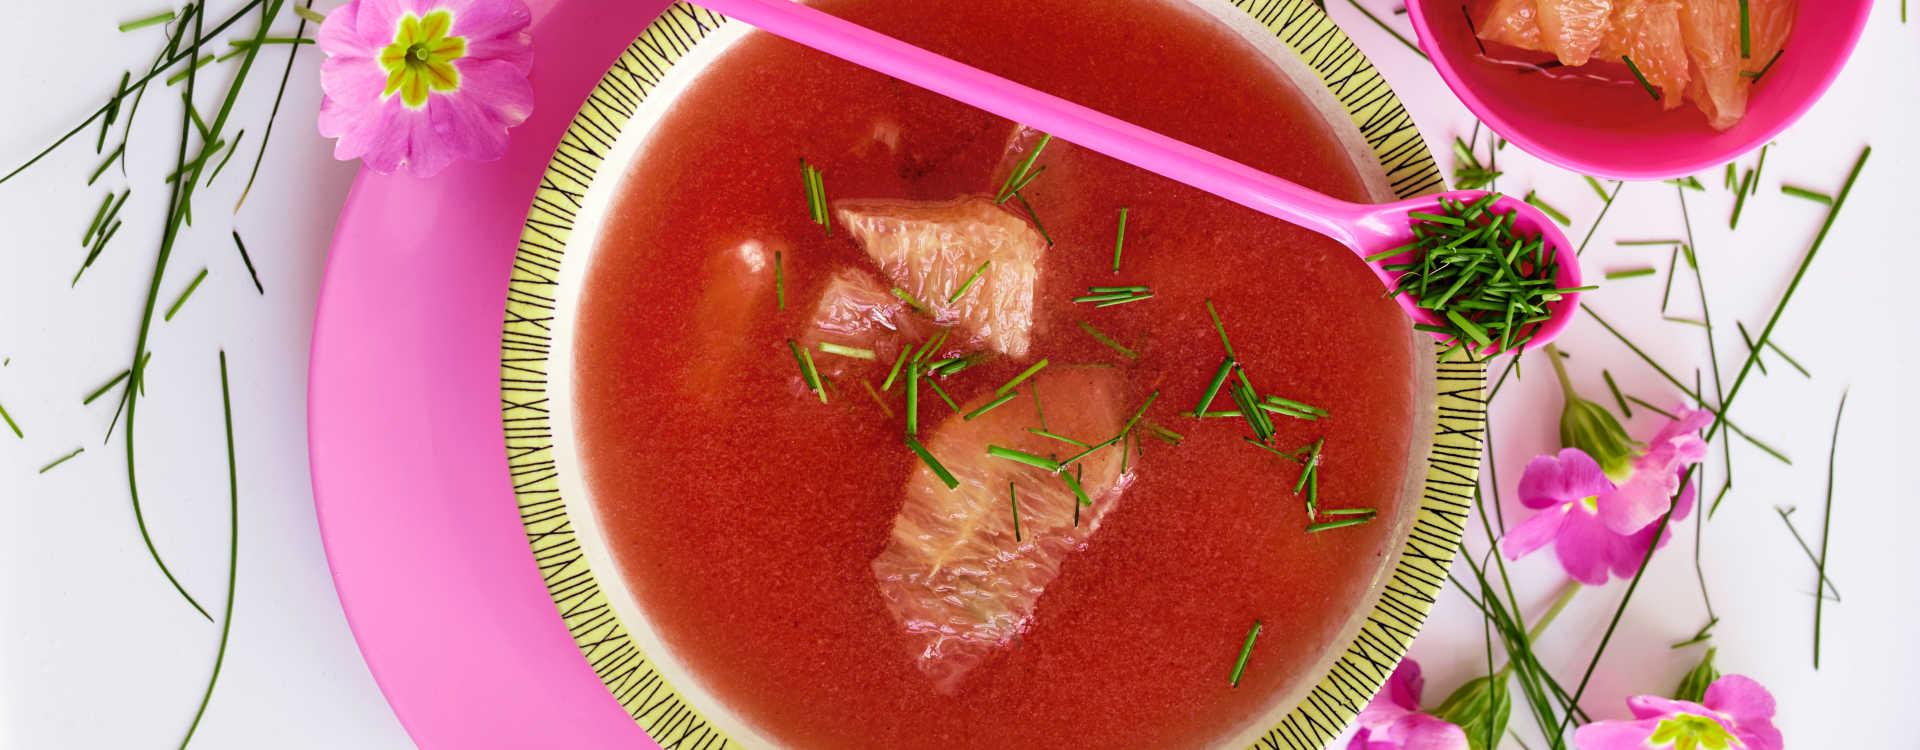 Kald suppe av tomat og vannmelon med grapefrukt